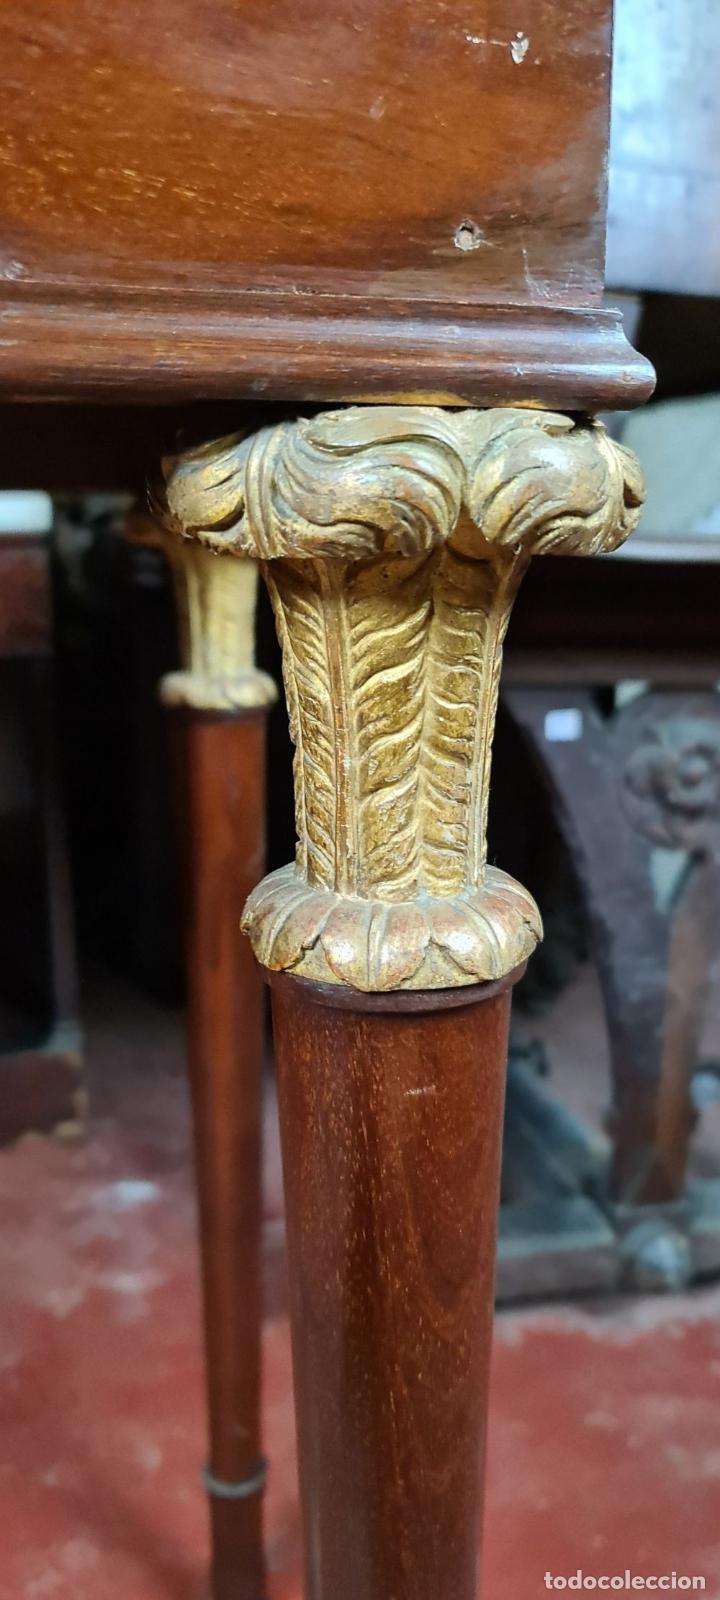 Antigüedades: CONSOLA EN MADERA DE CAOBA. ESTILO IMPERIO. SOBRE DE MÁRMOL. SIGLO XIX. - Foto 3 - 242044345